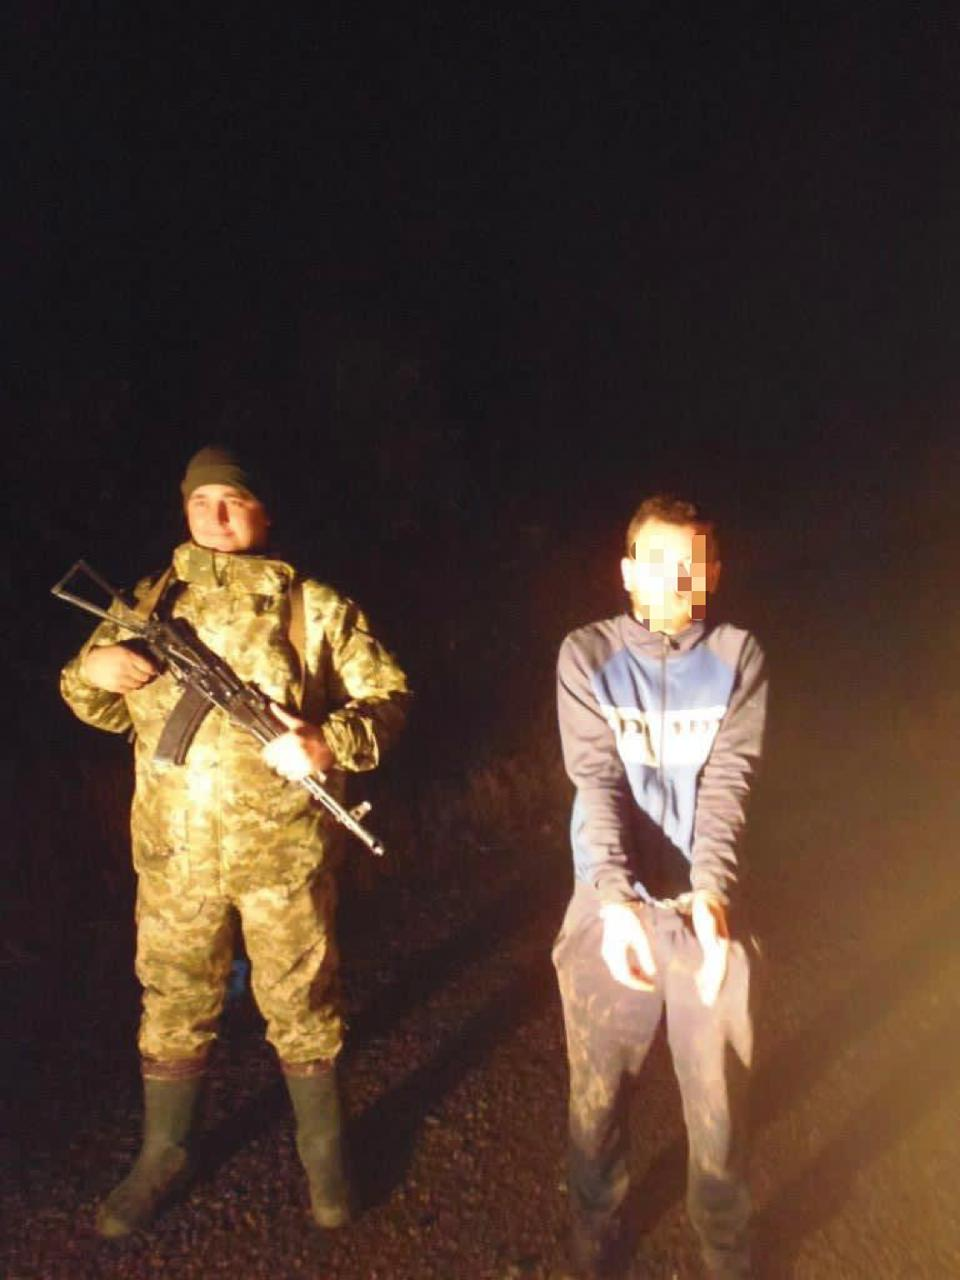 Поспішав в гості: на кордоні Луганщини затримали заблукалого росіянина